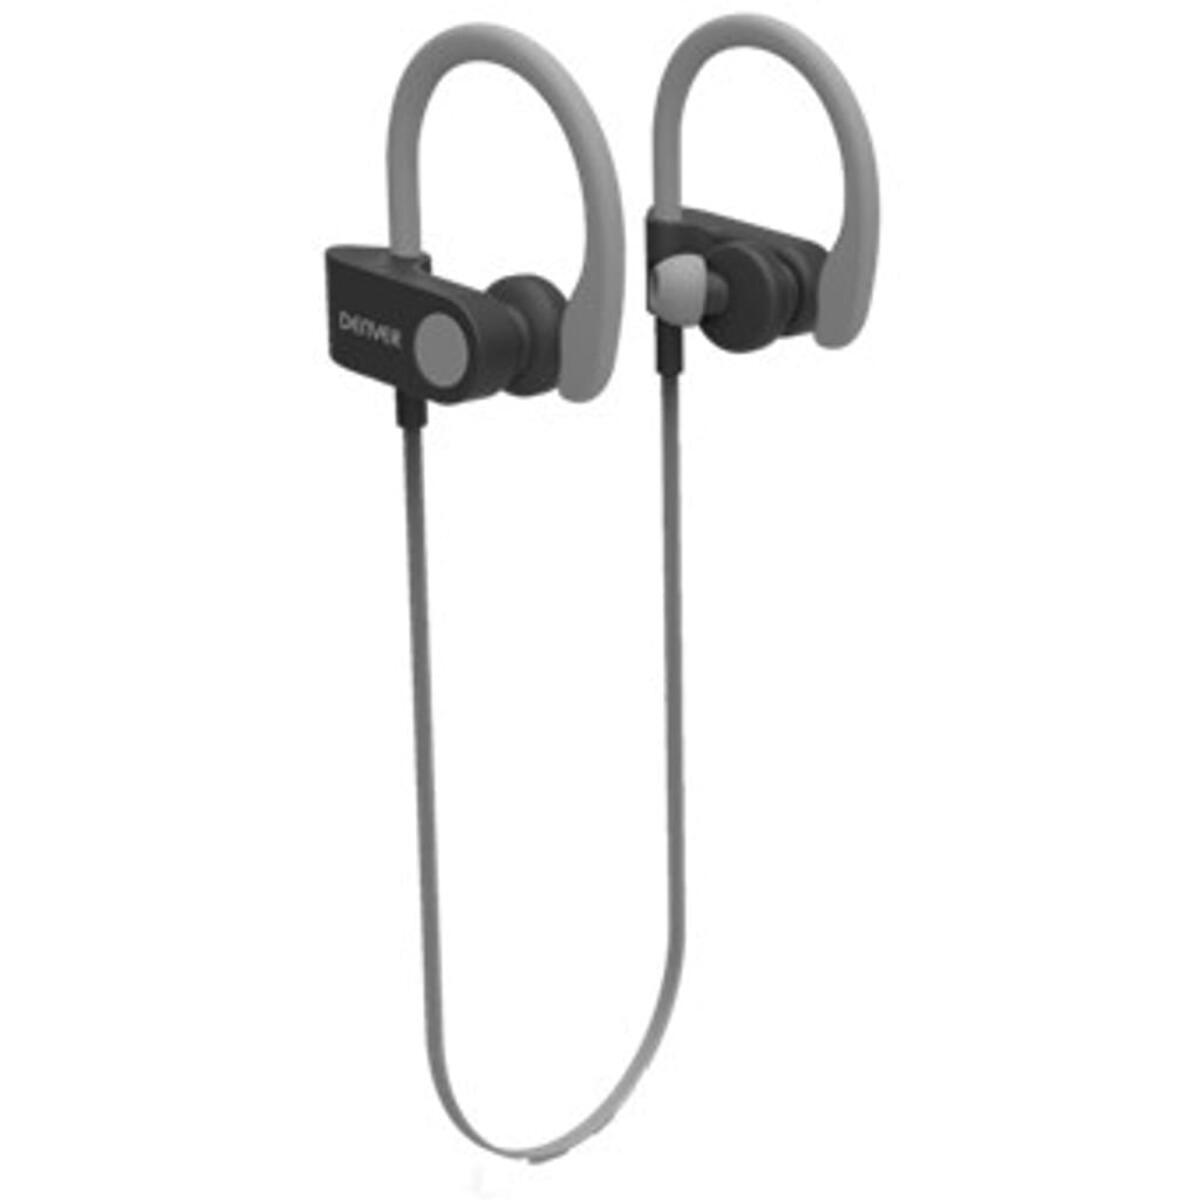 Bild 1 von Denver Bte-110Grey - Bluetooth® In-Ear-Kopfhörer